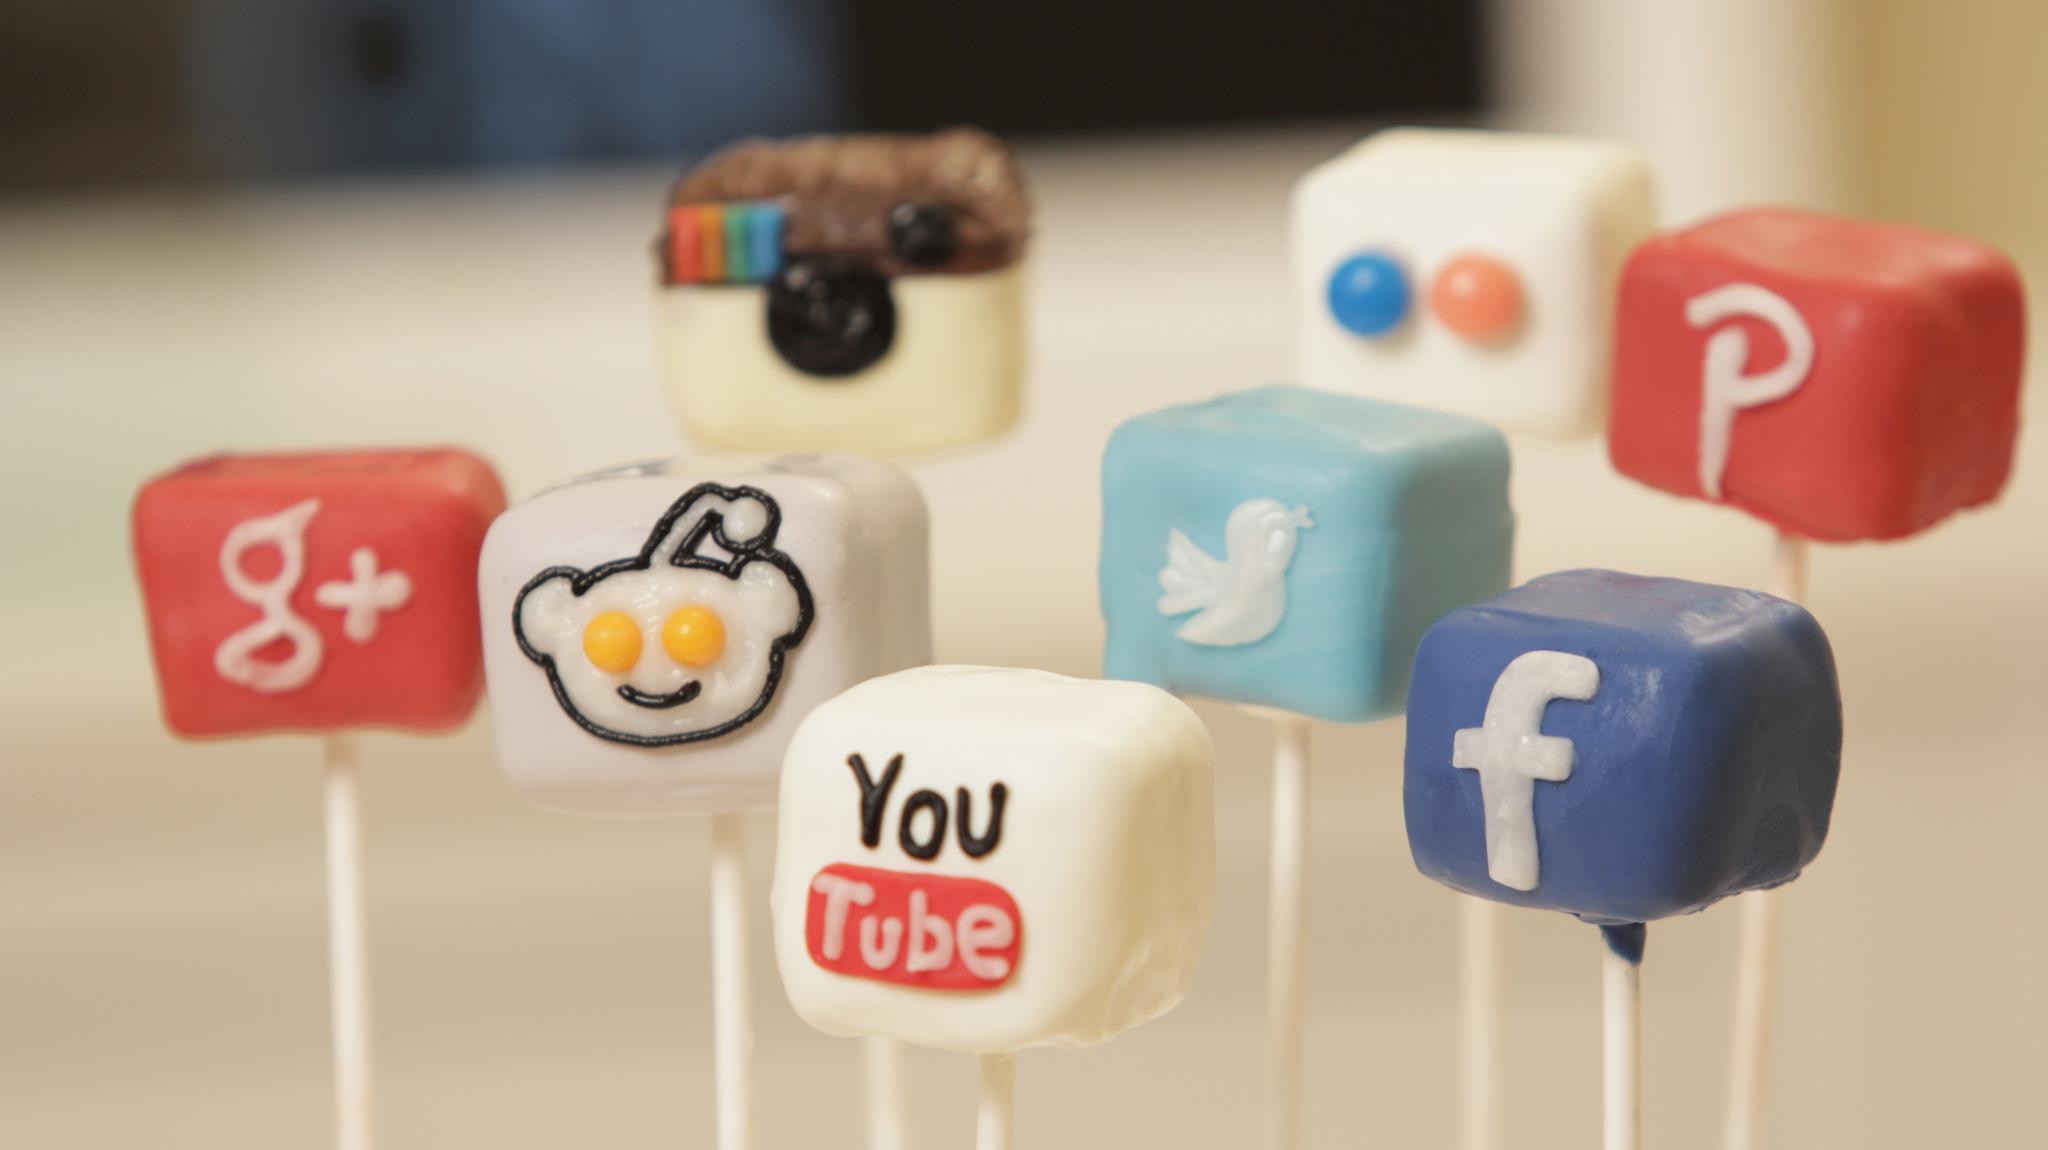 Come scegliere i migliori Social Network per il tuo Brand